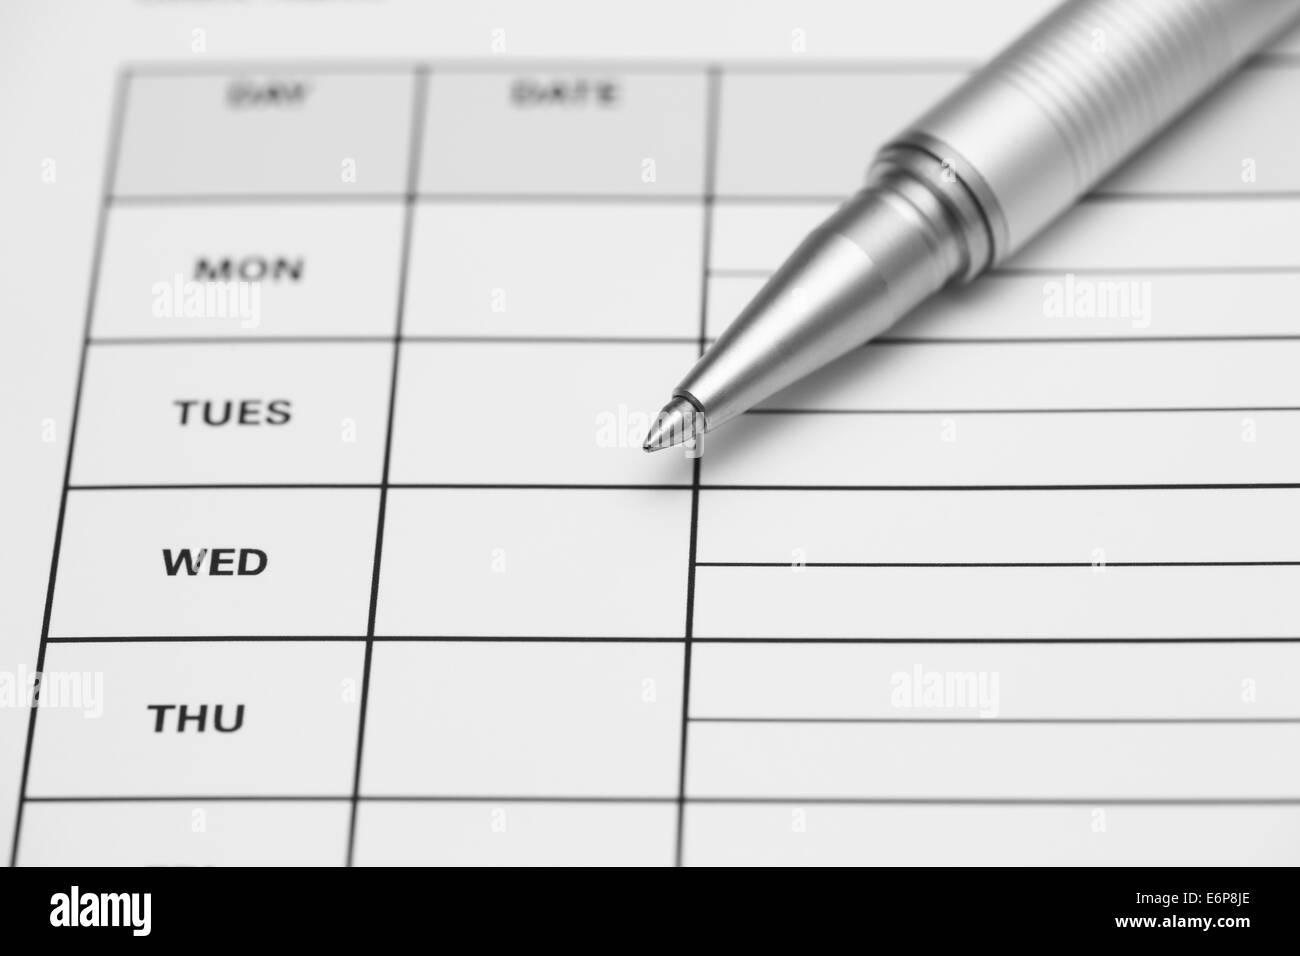 Weekly Time Sheet Stockfotos & Weekly Time Sheet Bilder - Alamy